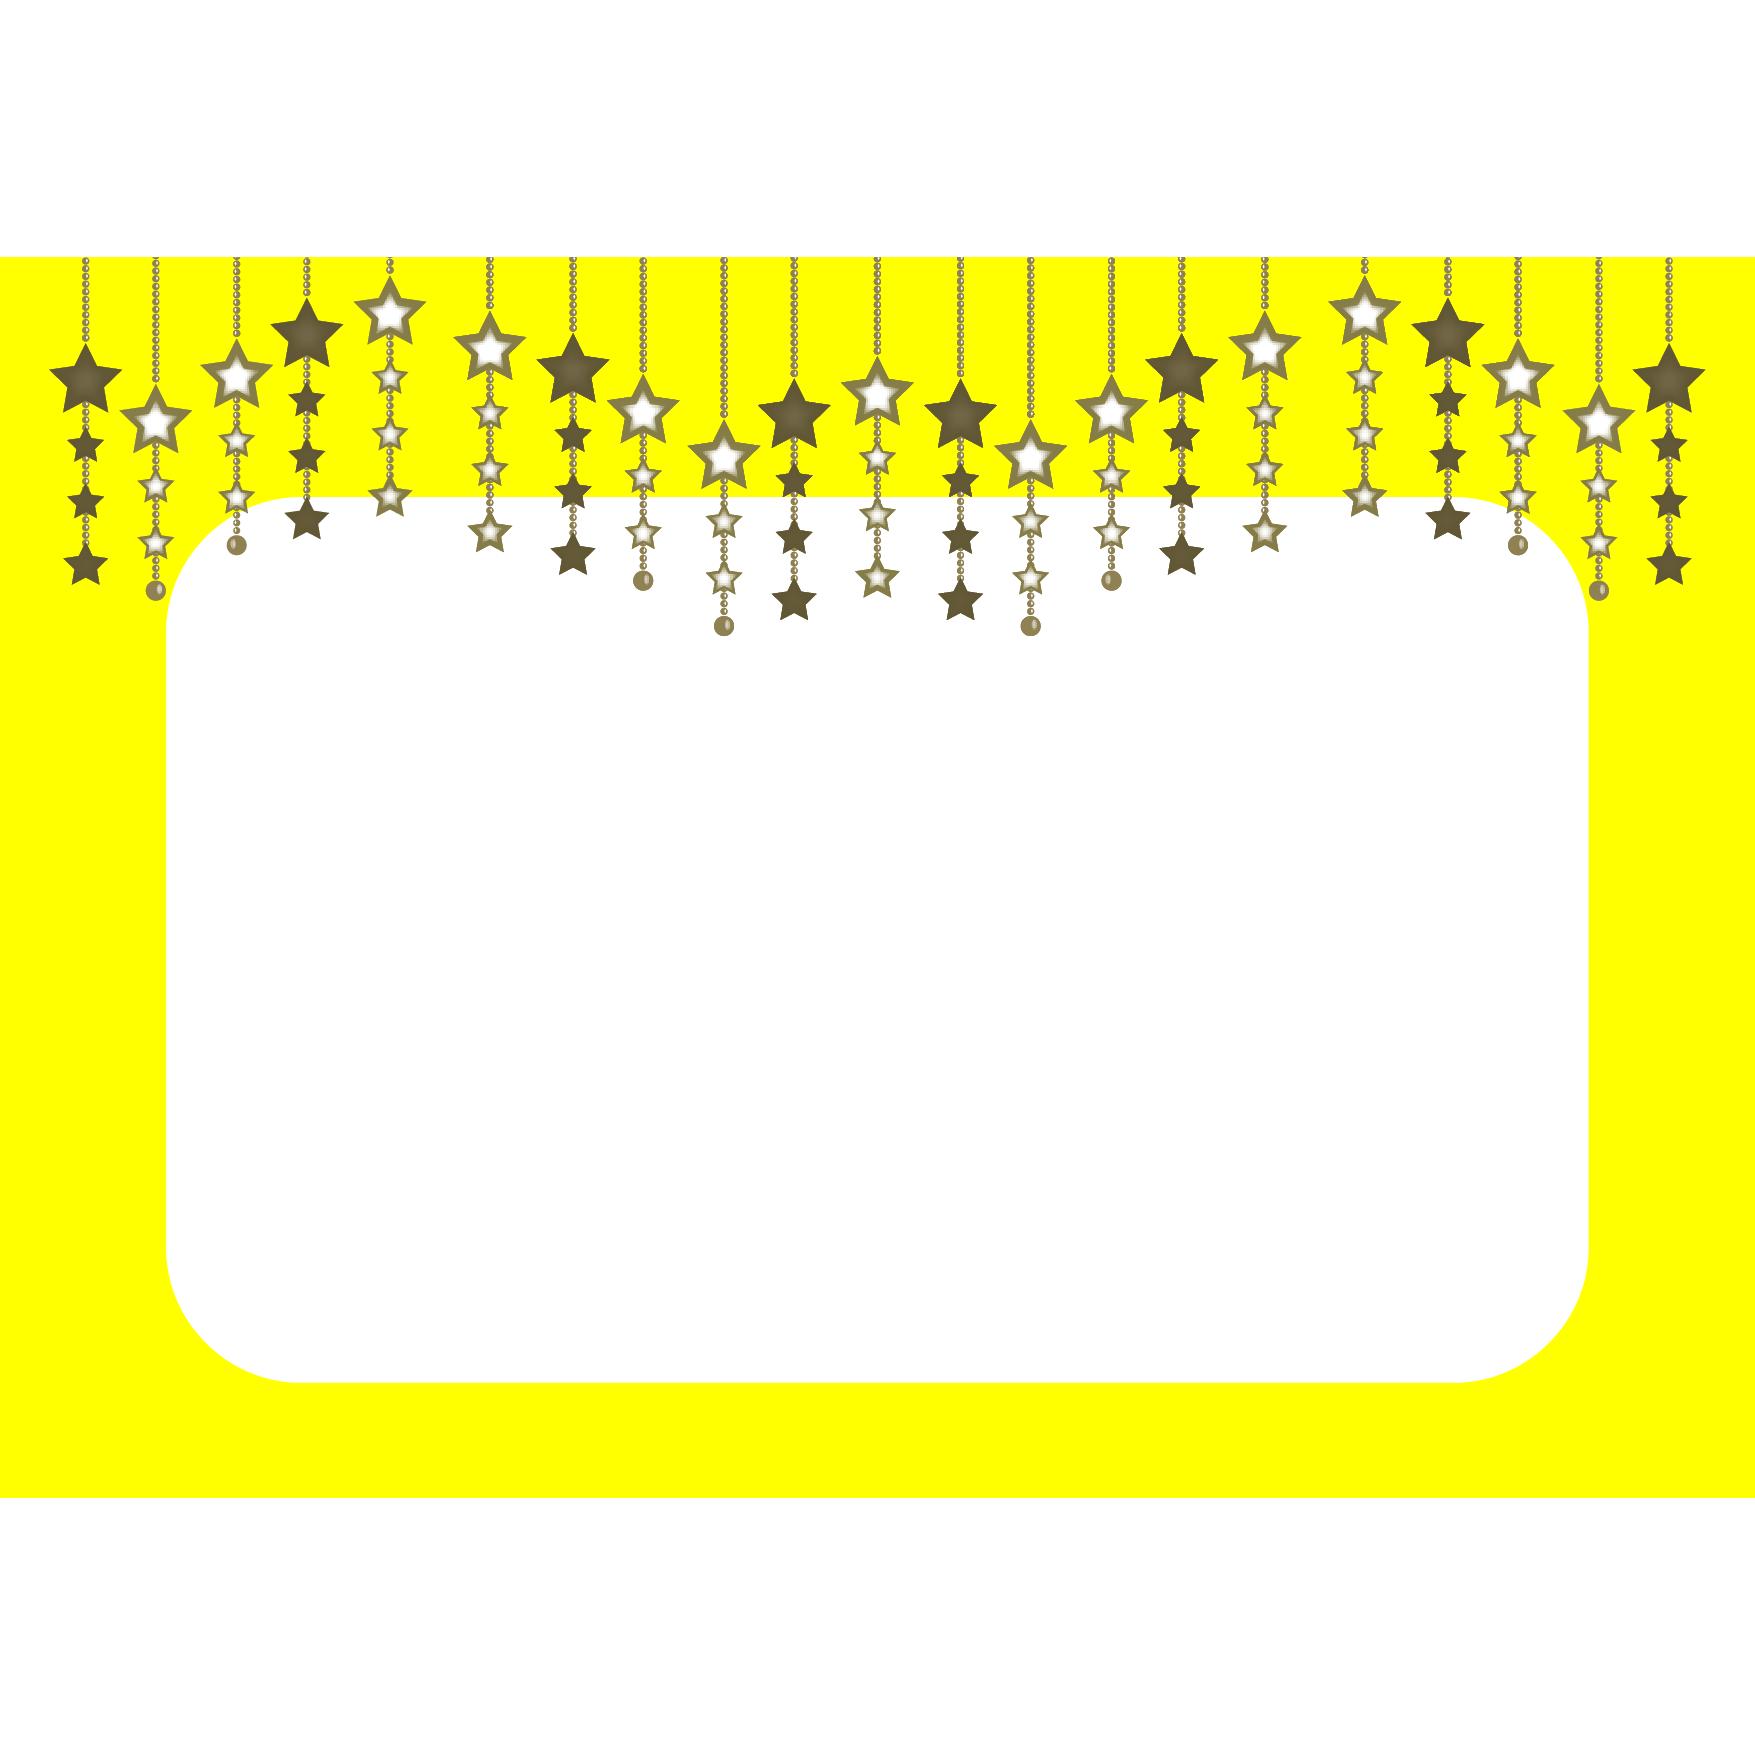 キラキラお星さま♪かわいい飾り(オーナメント)フレーム イラスト